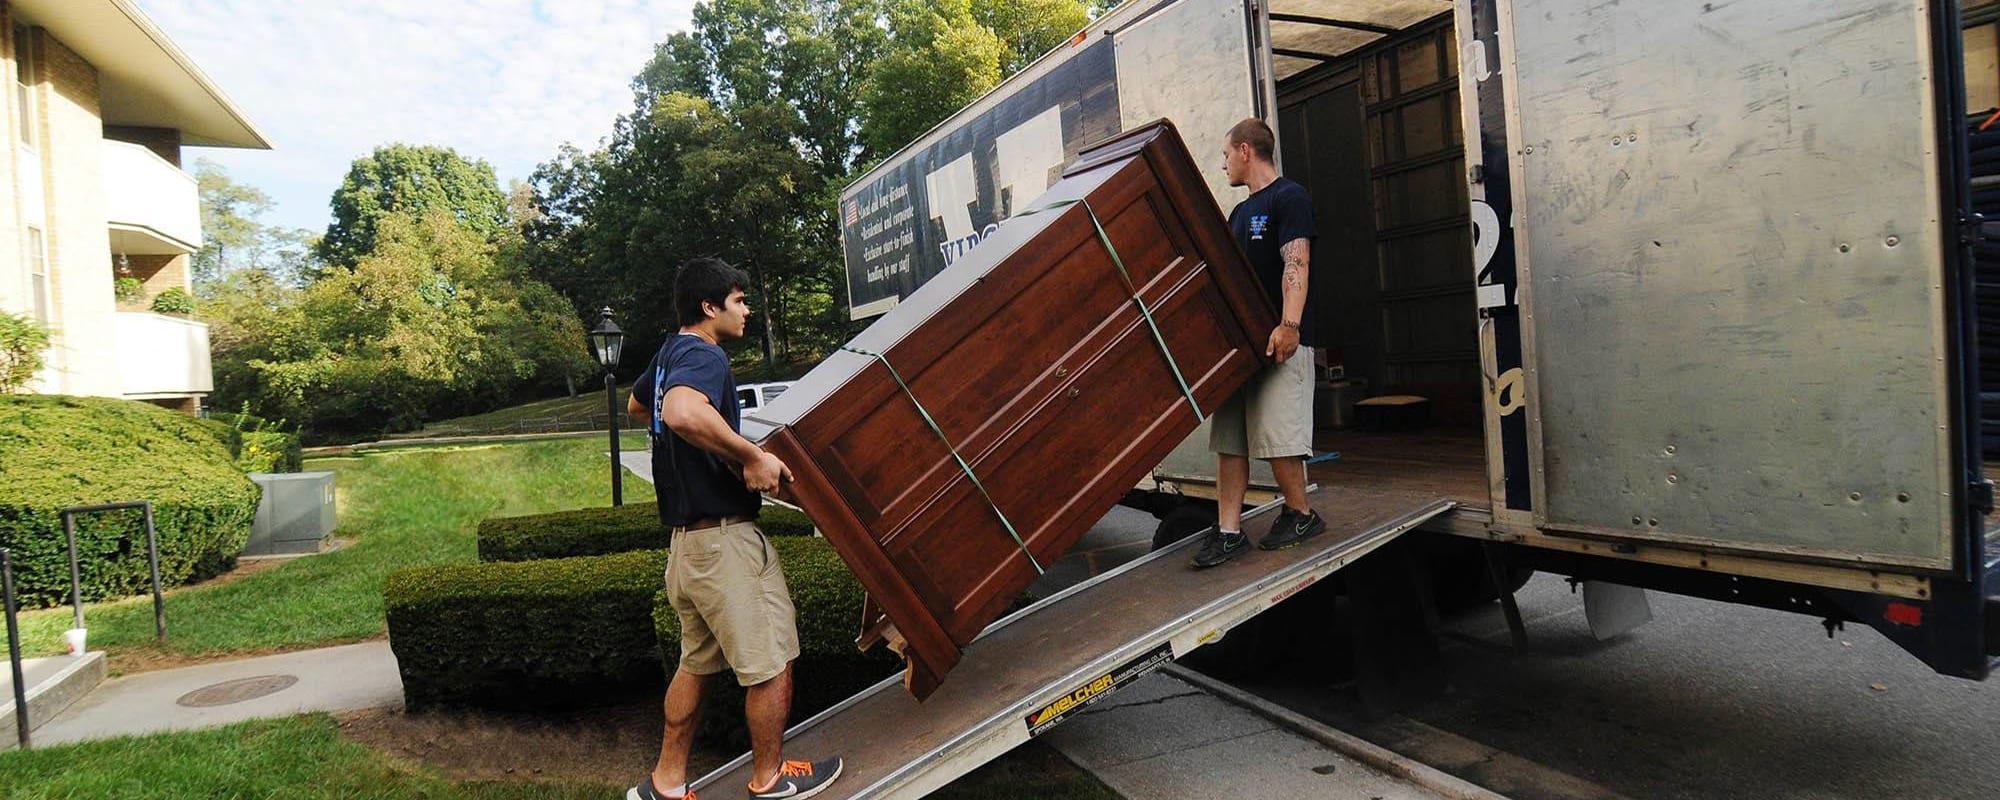 Residential moving services from Virginia Varsity Transfer in Salem, Virginia